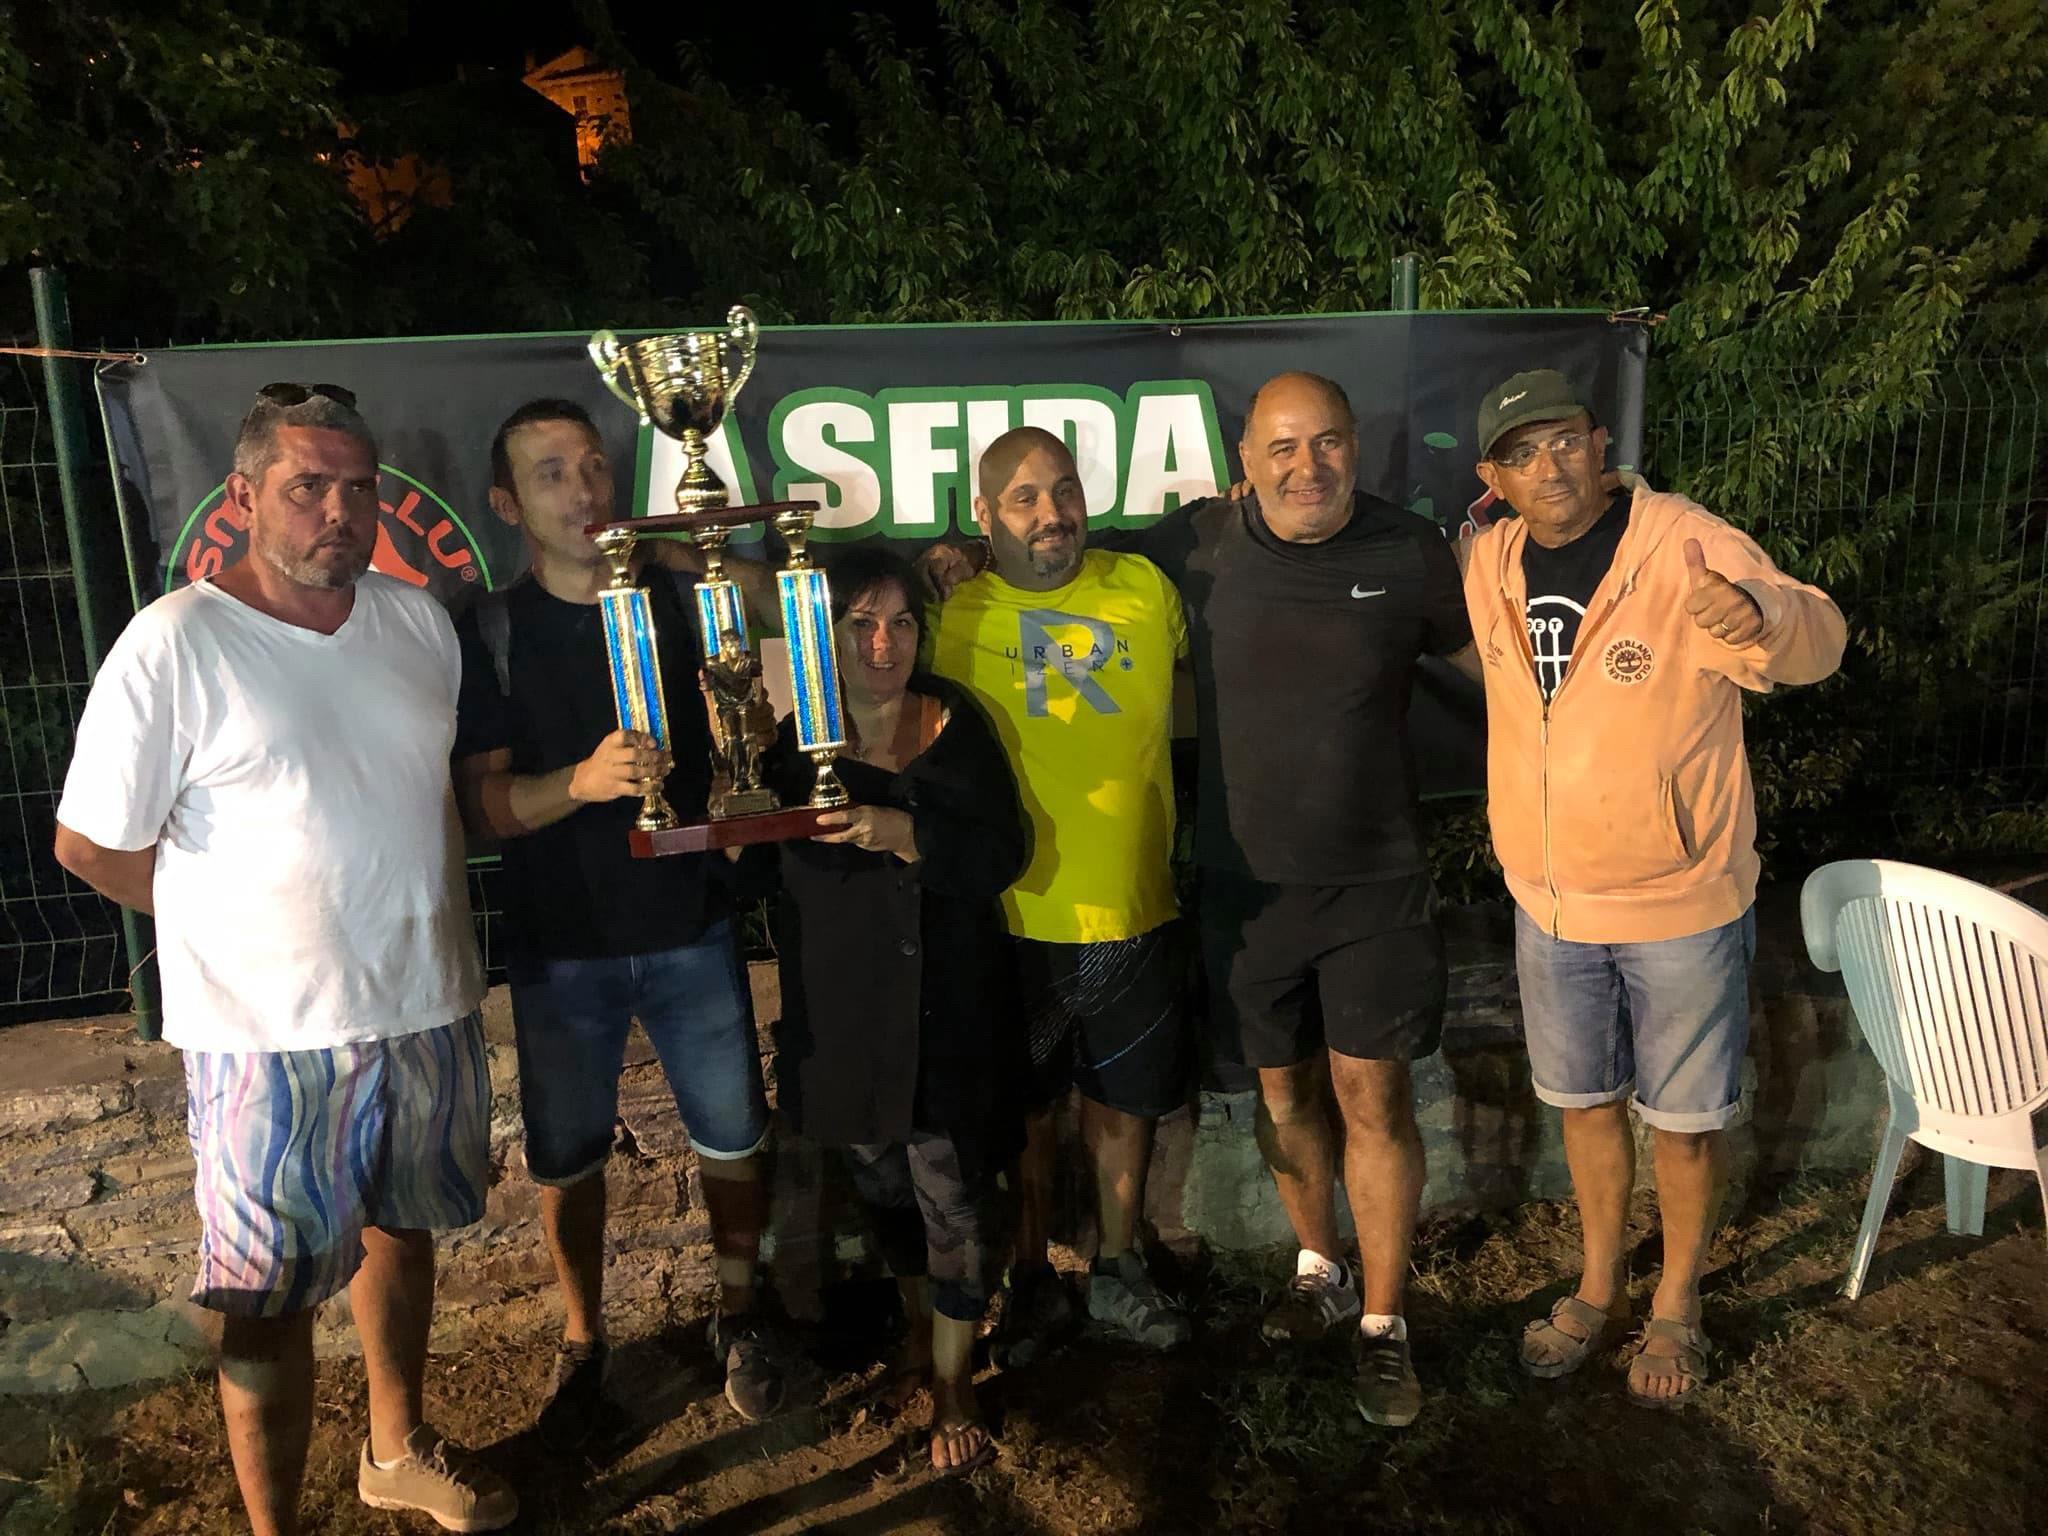 1er Trophée des villages : Canavaghja vainqueur du marathon de pétanque